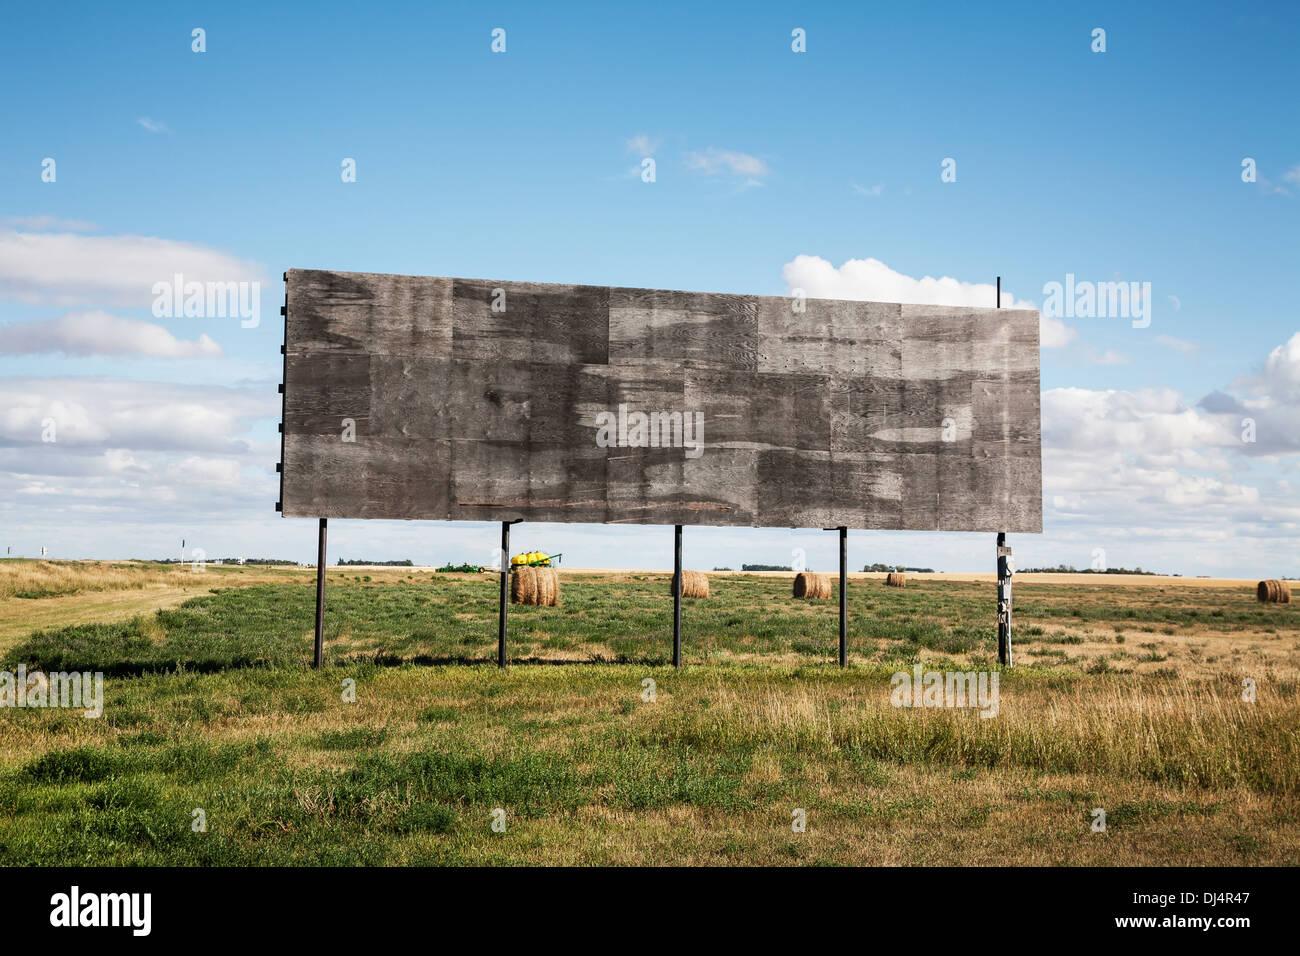 An Empty Billboard Beside A Farm Field; Alberta, Canada - Stock Image